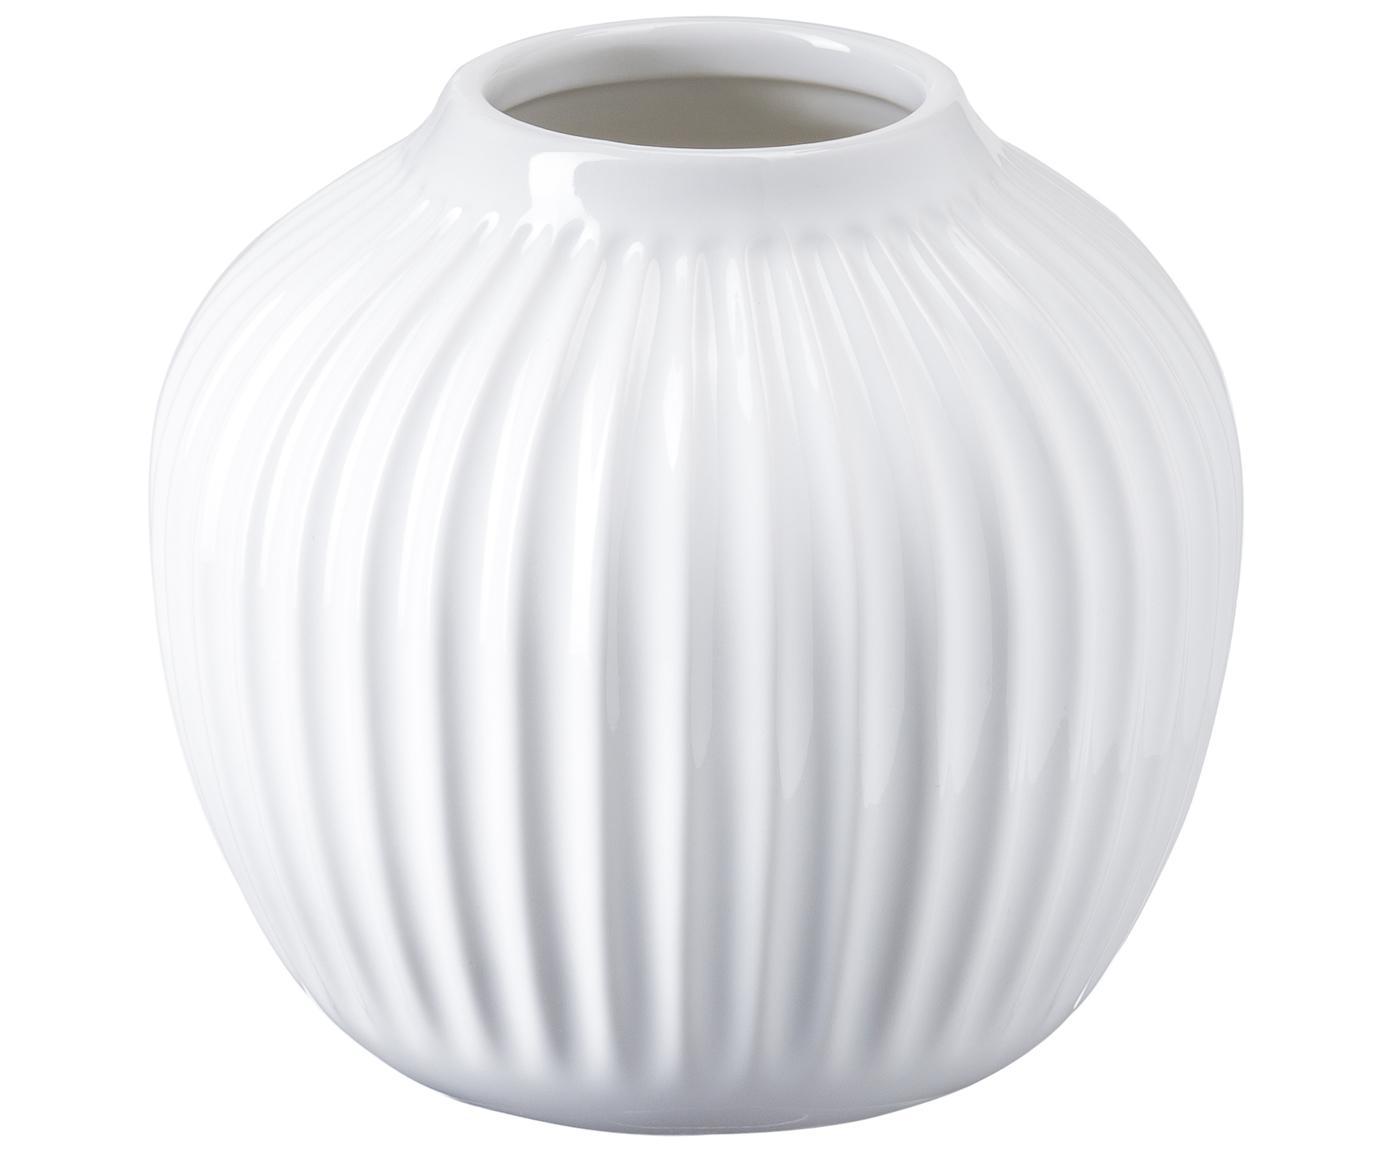 Mały ręcznie wykonany wazon Hammershøi, Porcelana, Biały, Ø 14 x W 13 cm